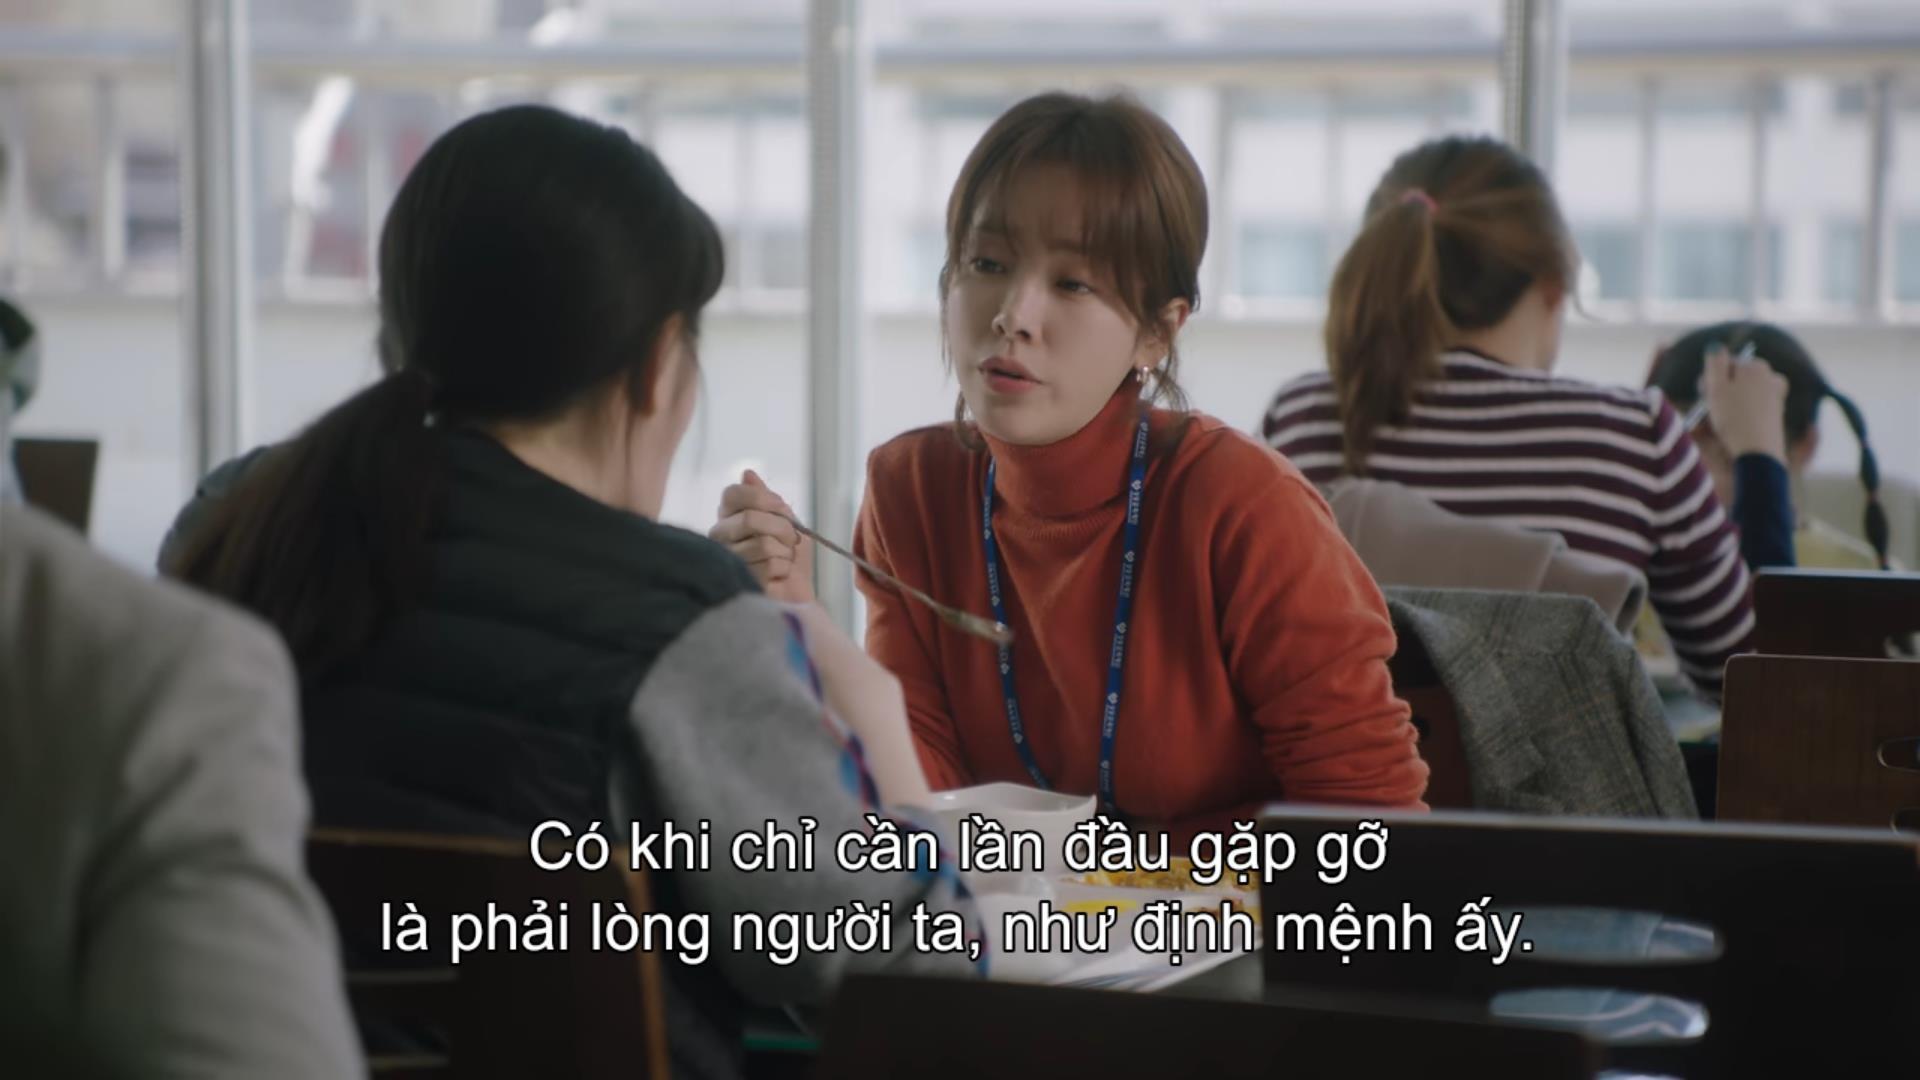 1001 câu thoại nhói lòng trong Đêm Xuân của Jung Hae In: Em ghét hôn nhân hay là ghét anh? - Ảnh 1.